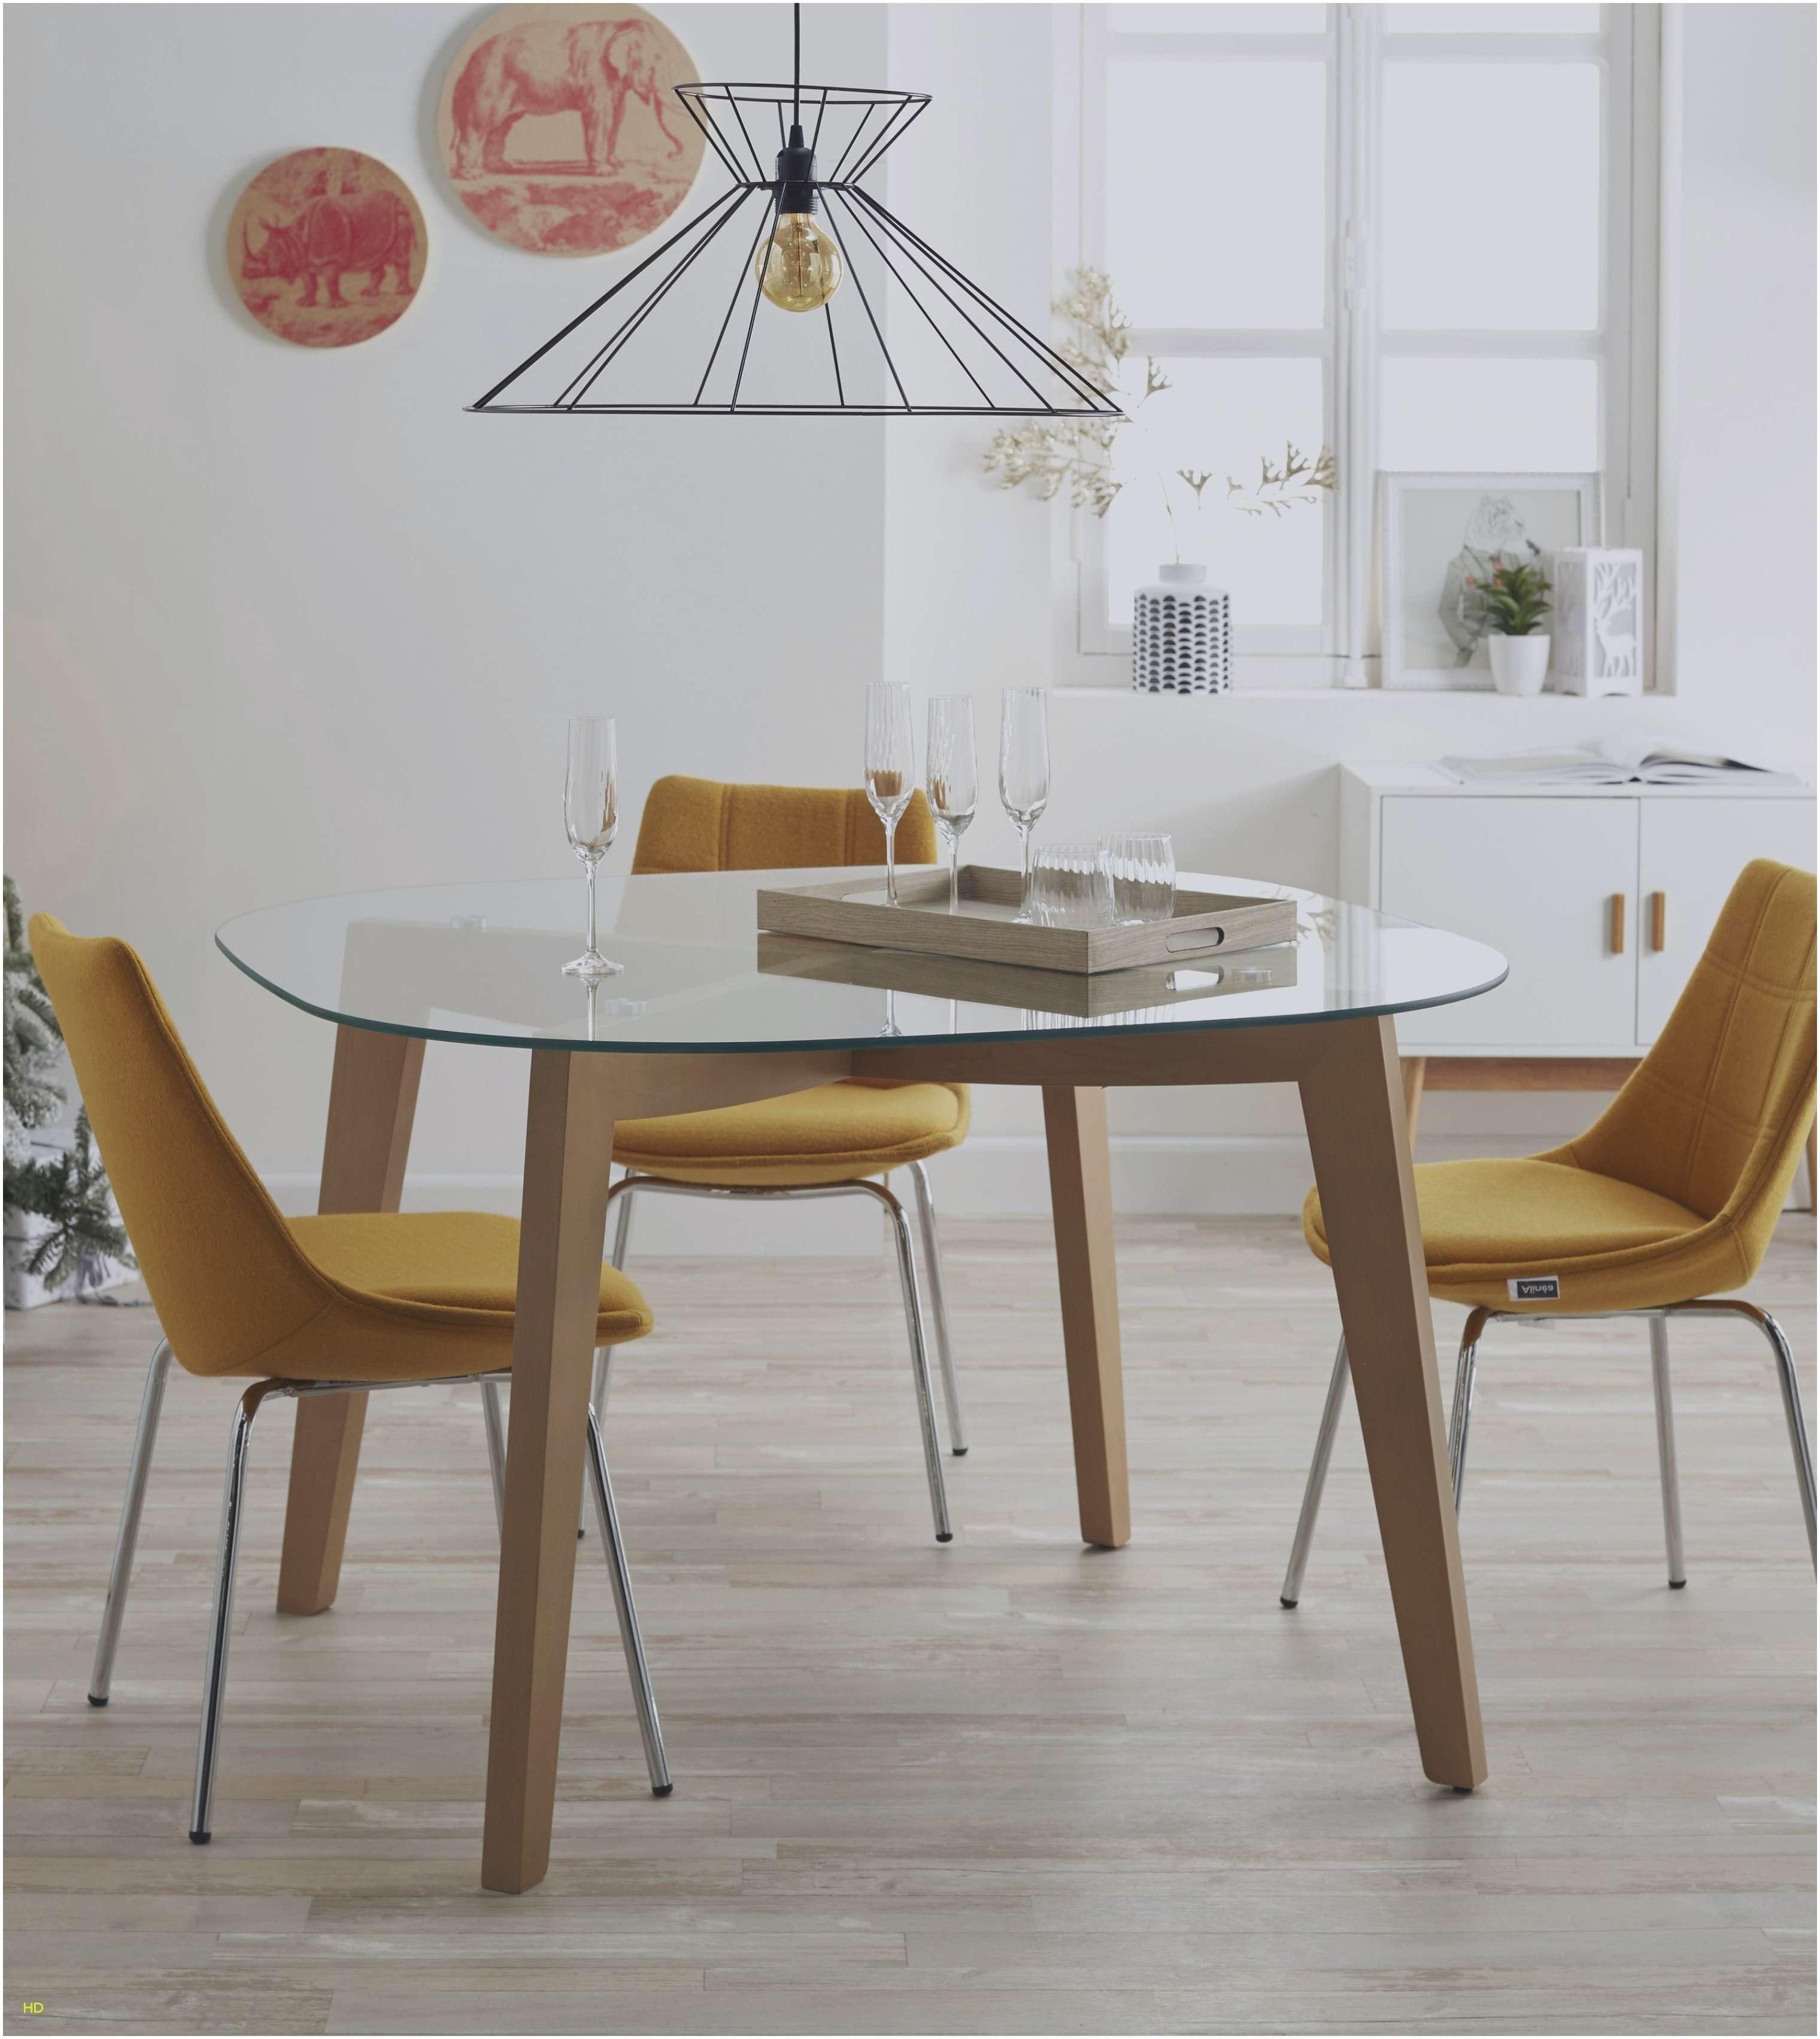 Ensemble table et chaises scandinave pas cher